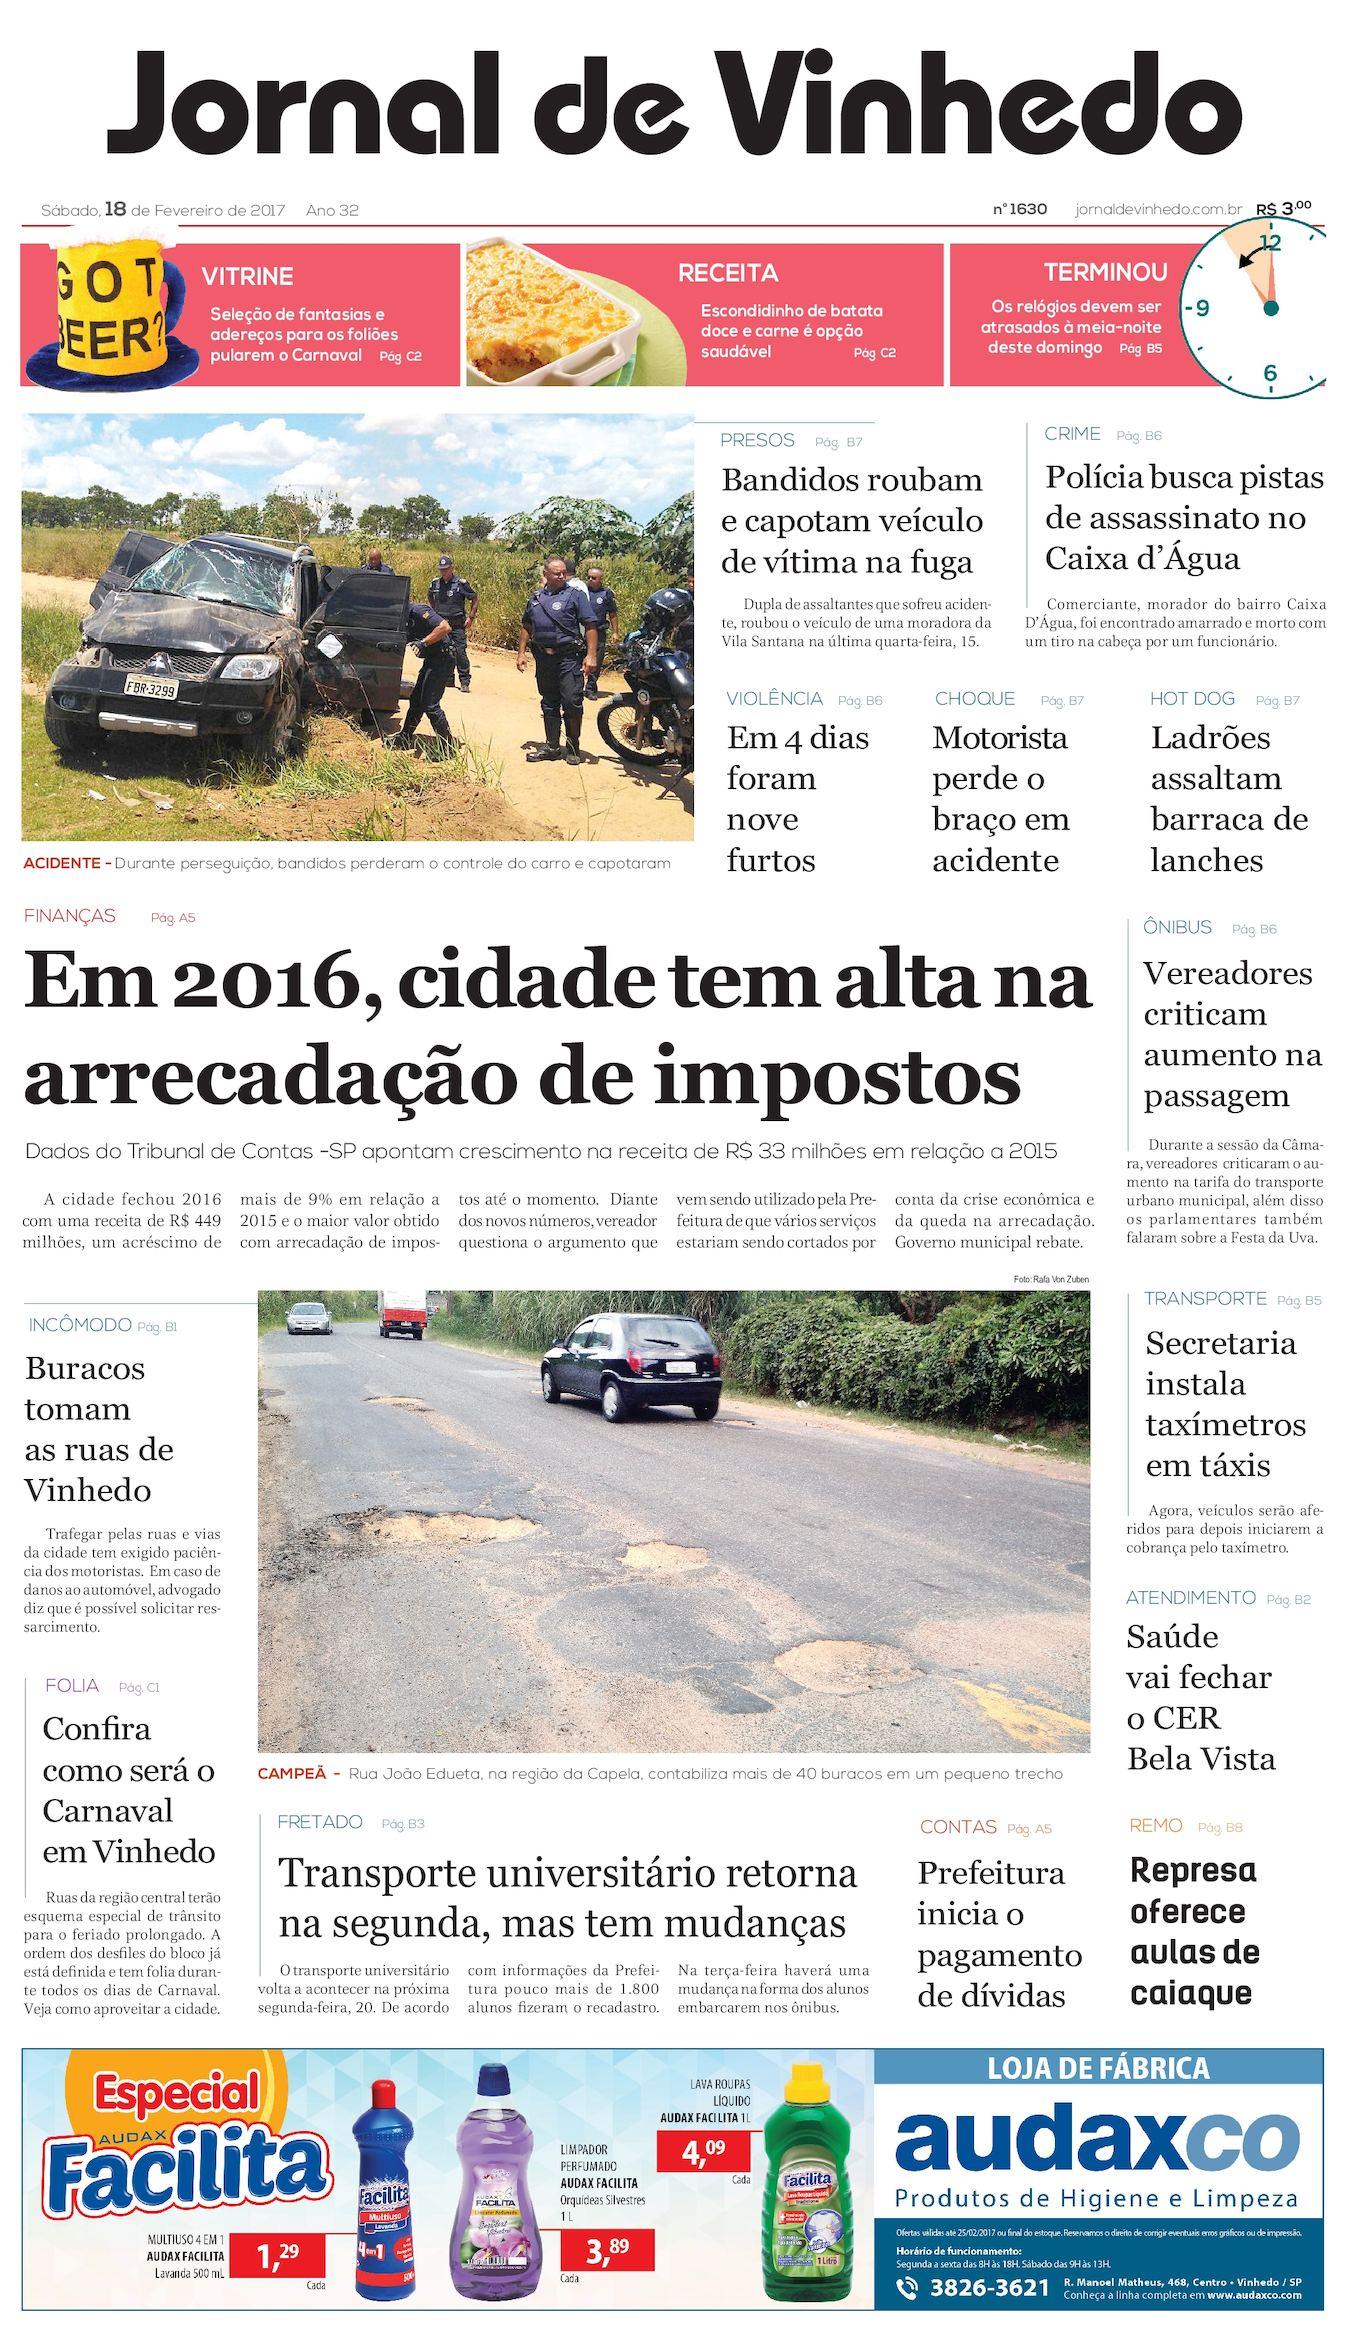 cda4ef845 Calaméo - Jornal De Vinhedo Sabado 18 De Fevereiro De 2017 Edic 1630